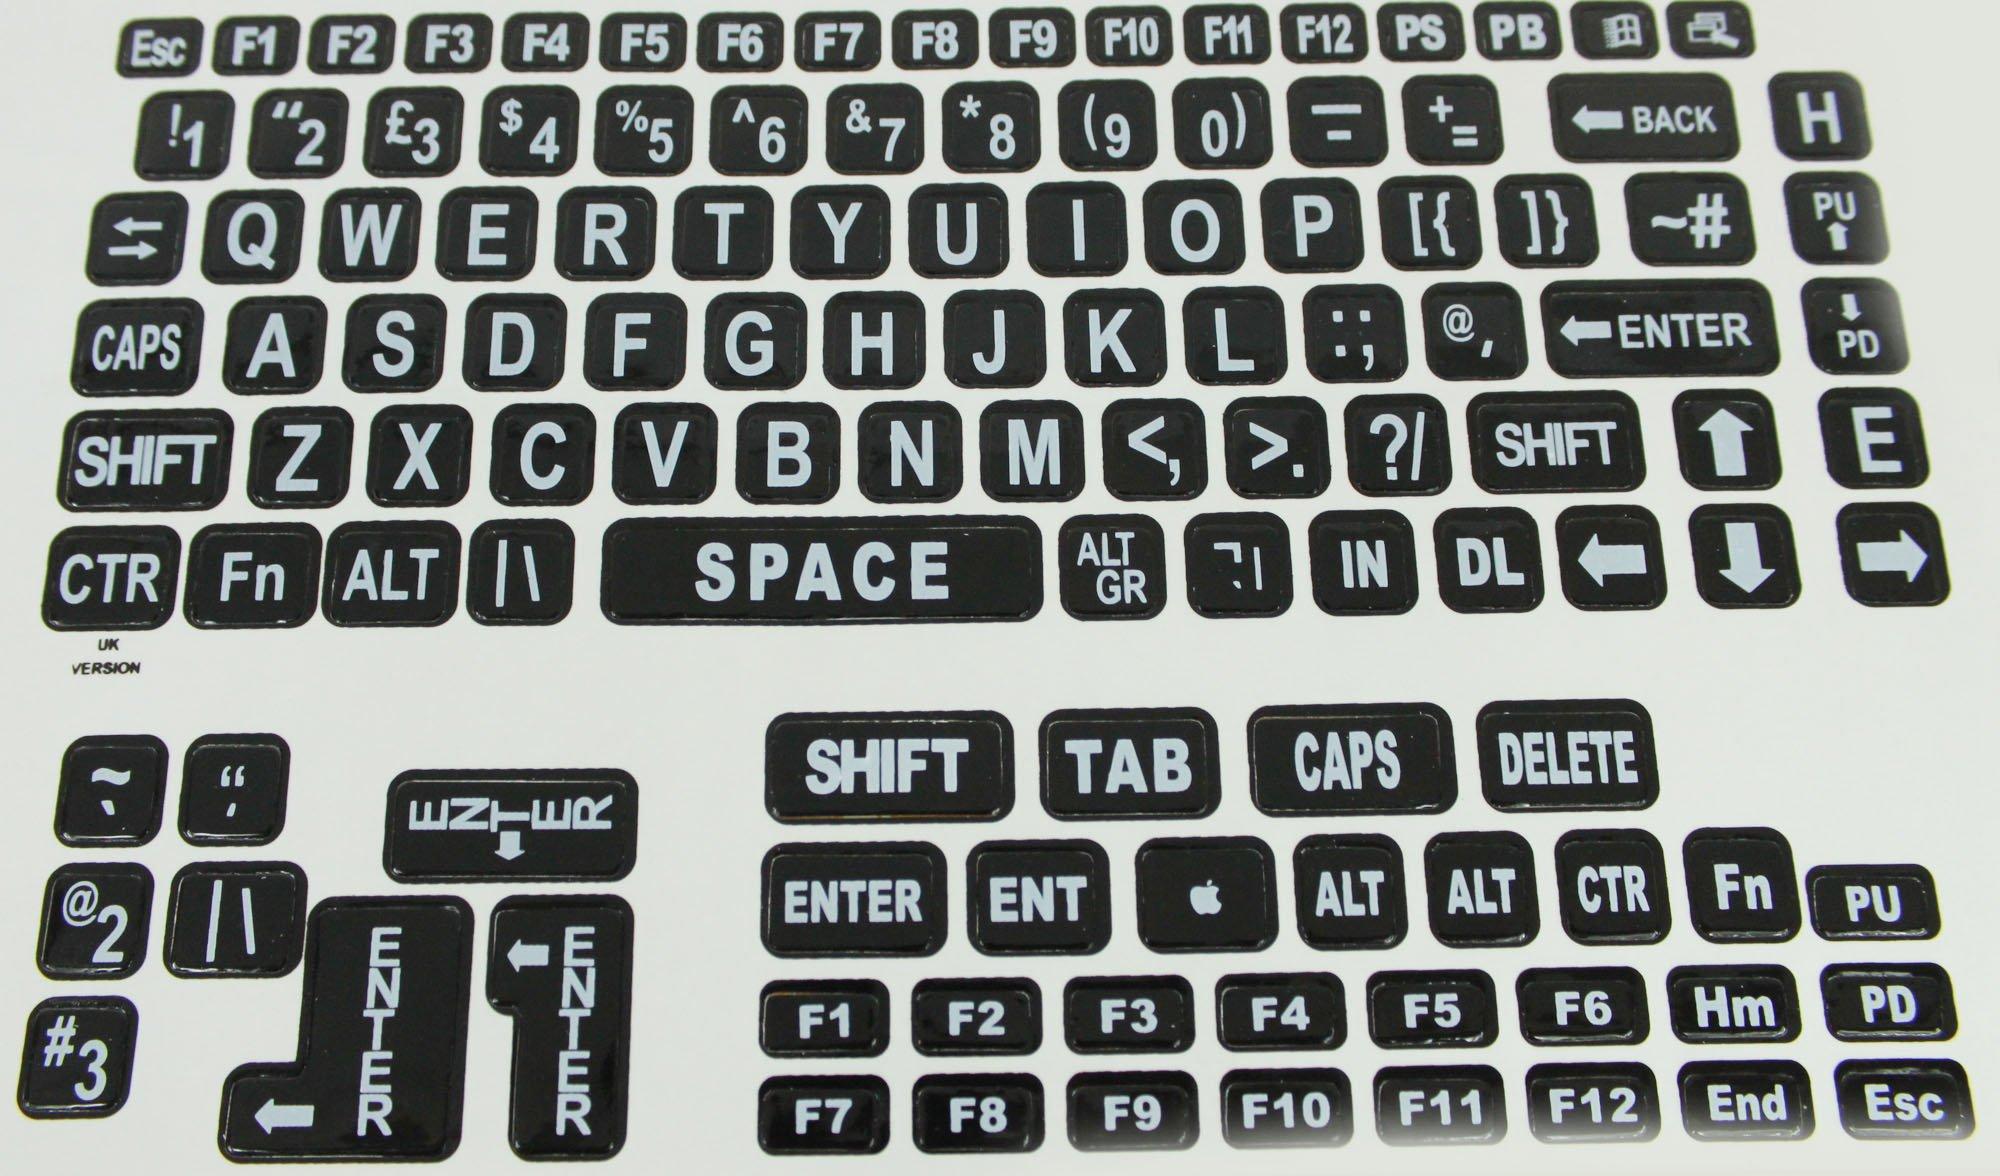 Large Print Keyboard Laptop Labels - White on Black